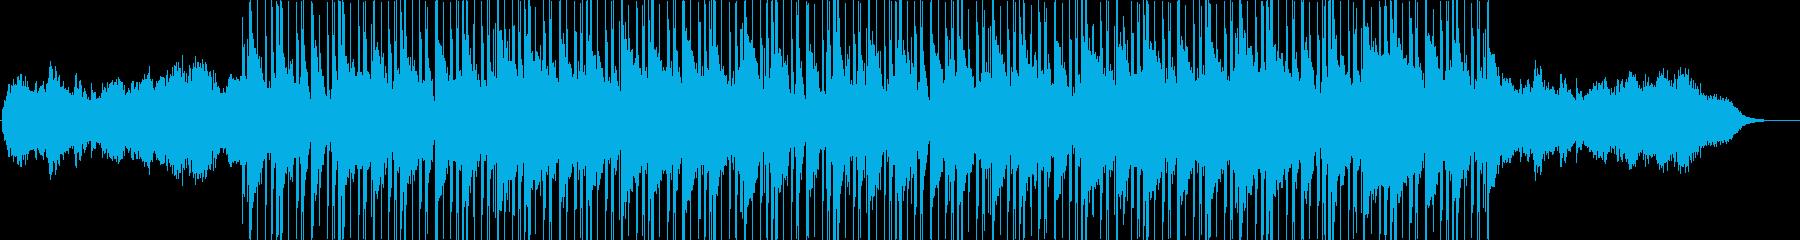 アンビエント レトロ アクティブ ...の再生済みの波形